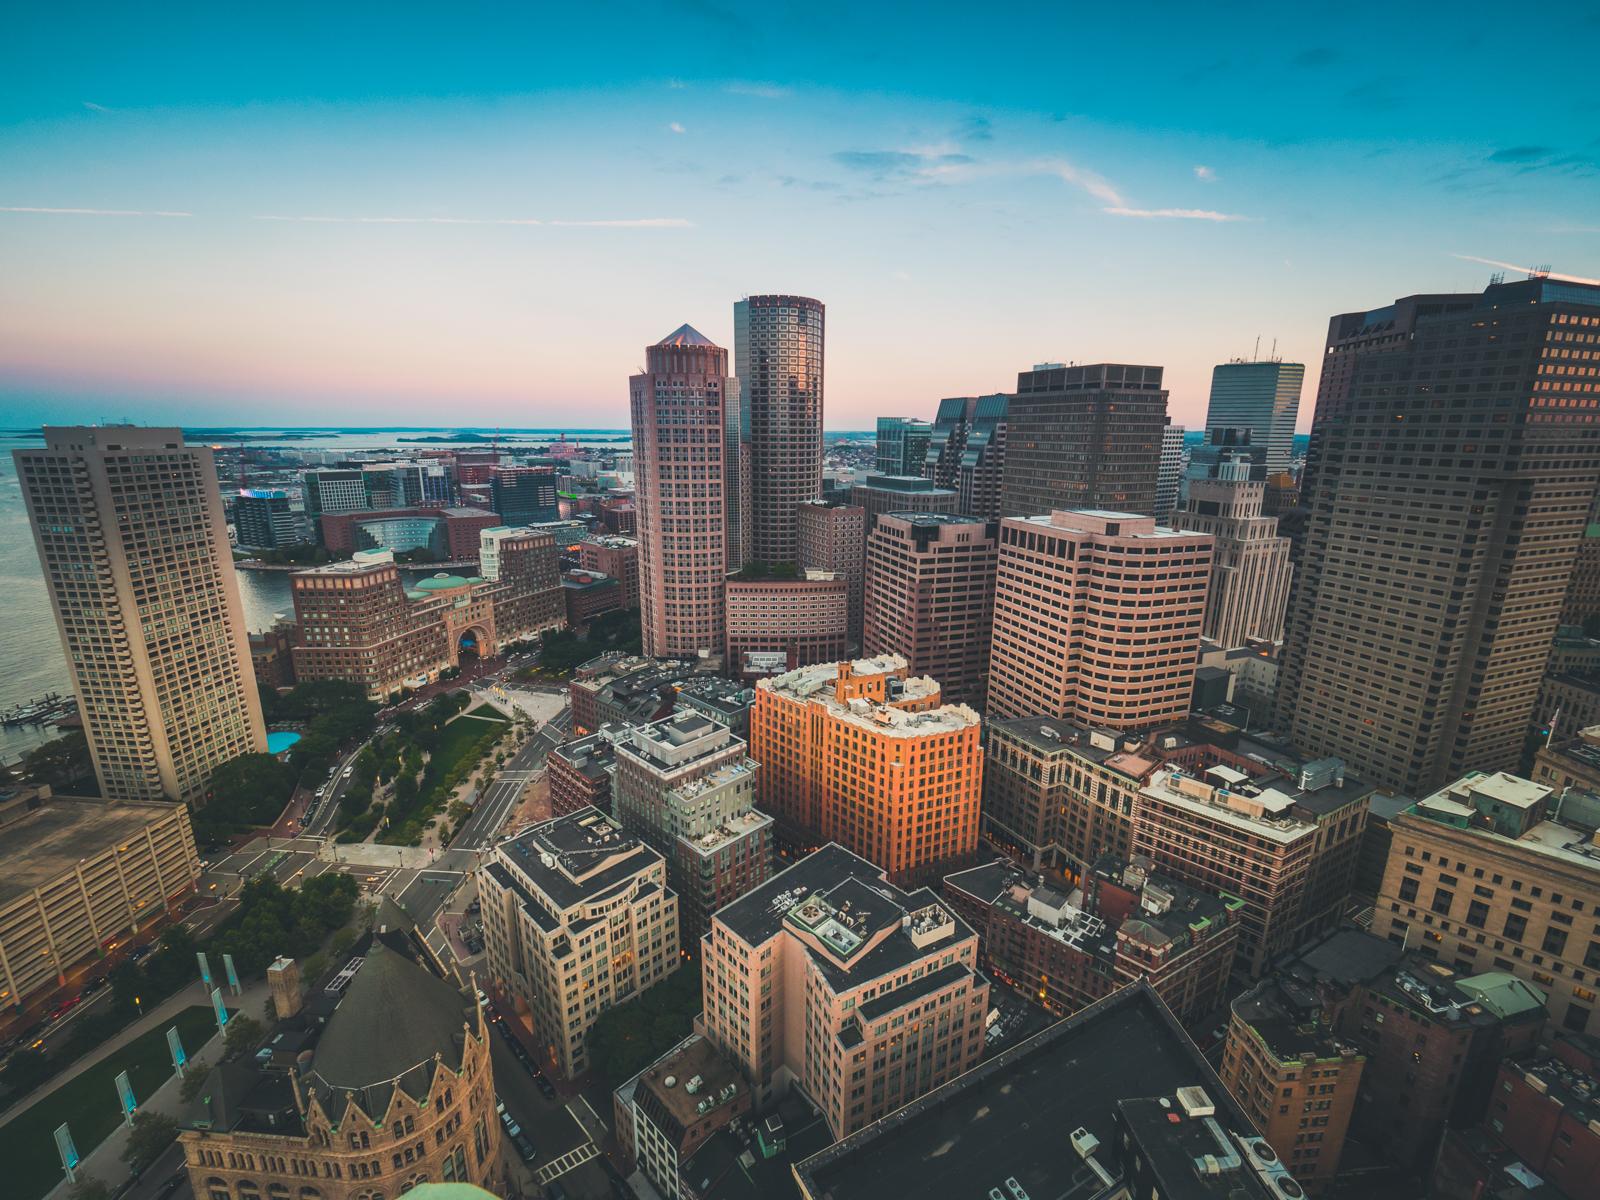 Boston is gorgeous